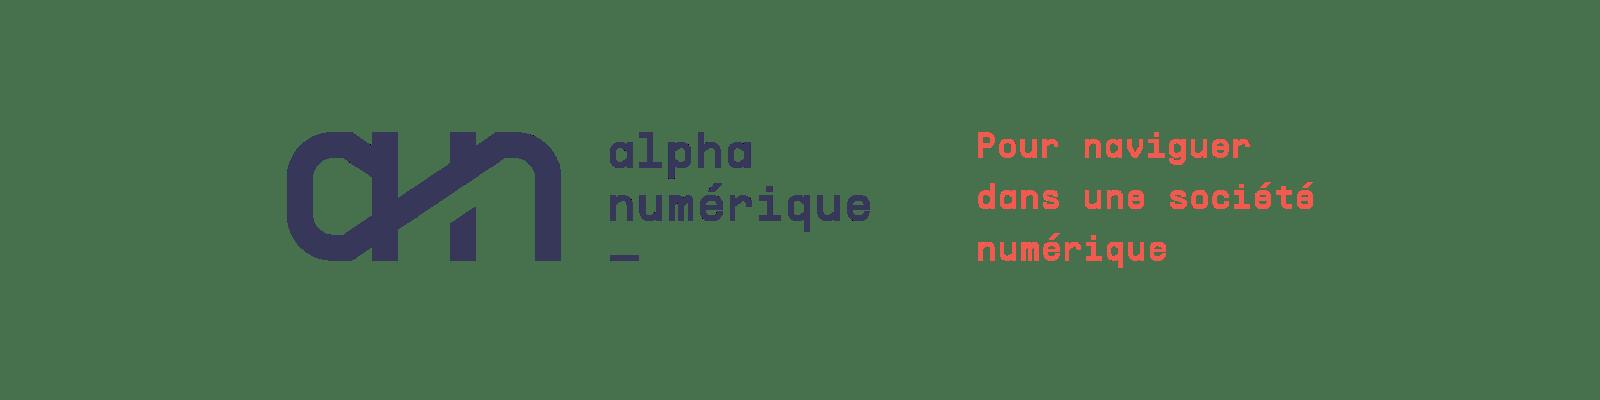 Saint-Eustache - AlphaNumérique [Formation pilote]